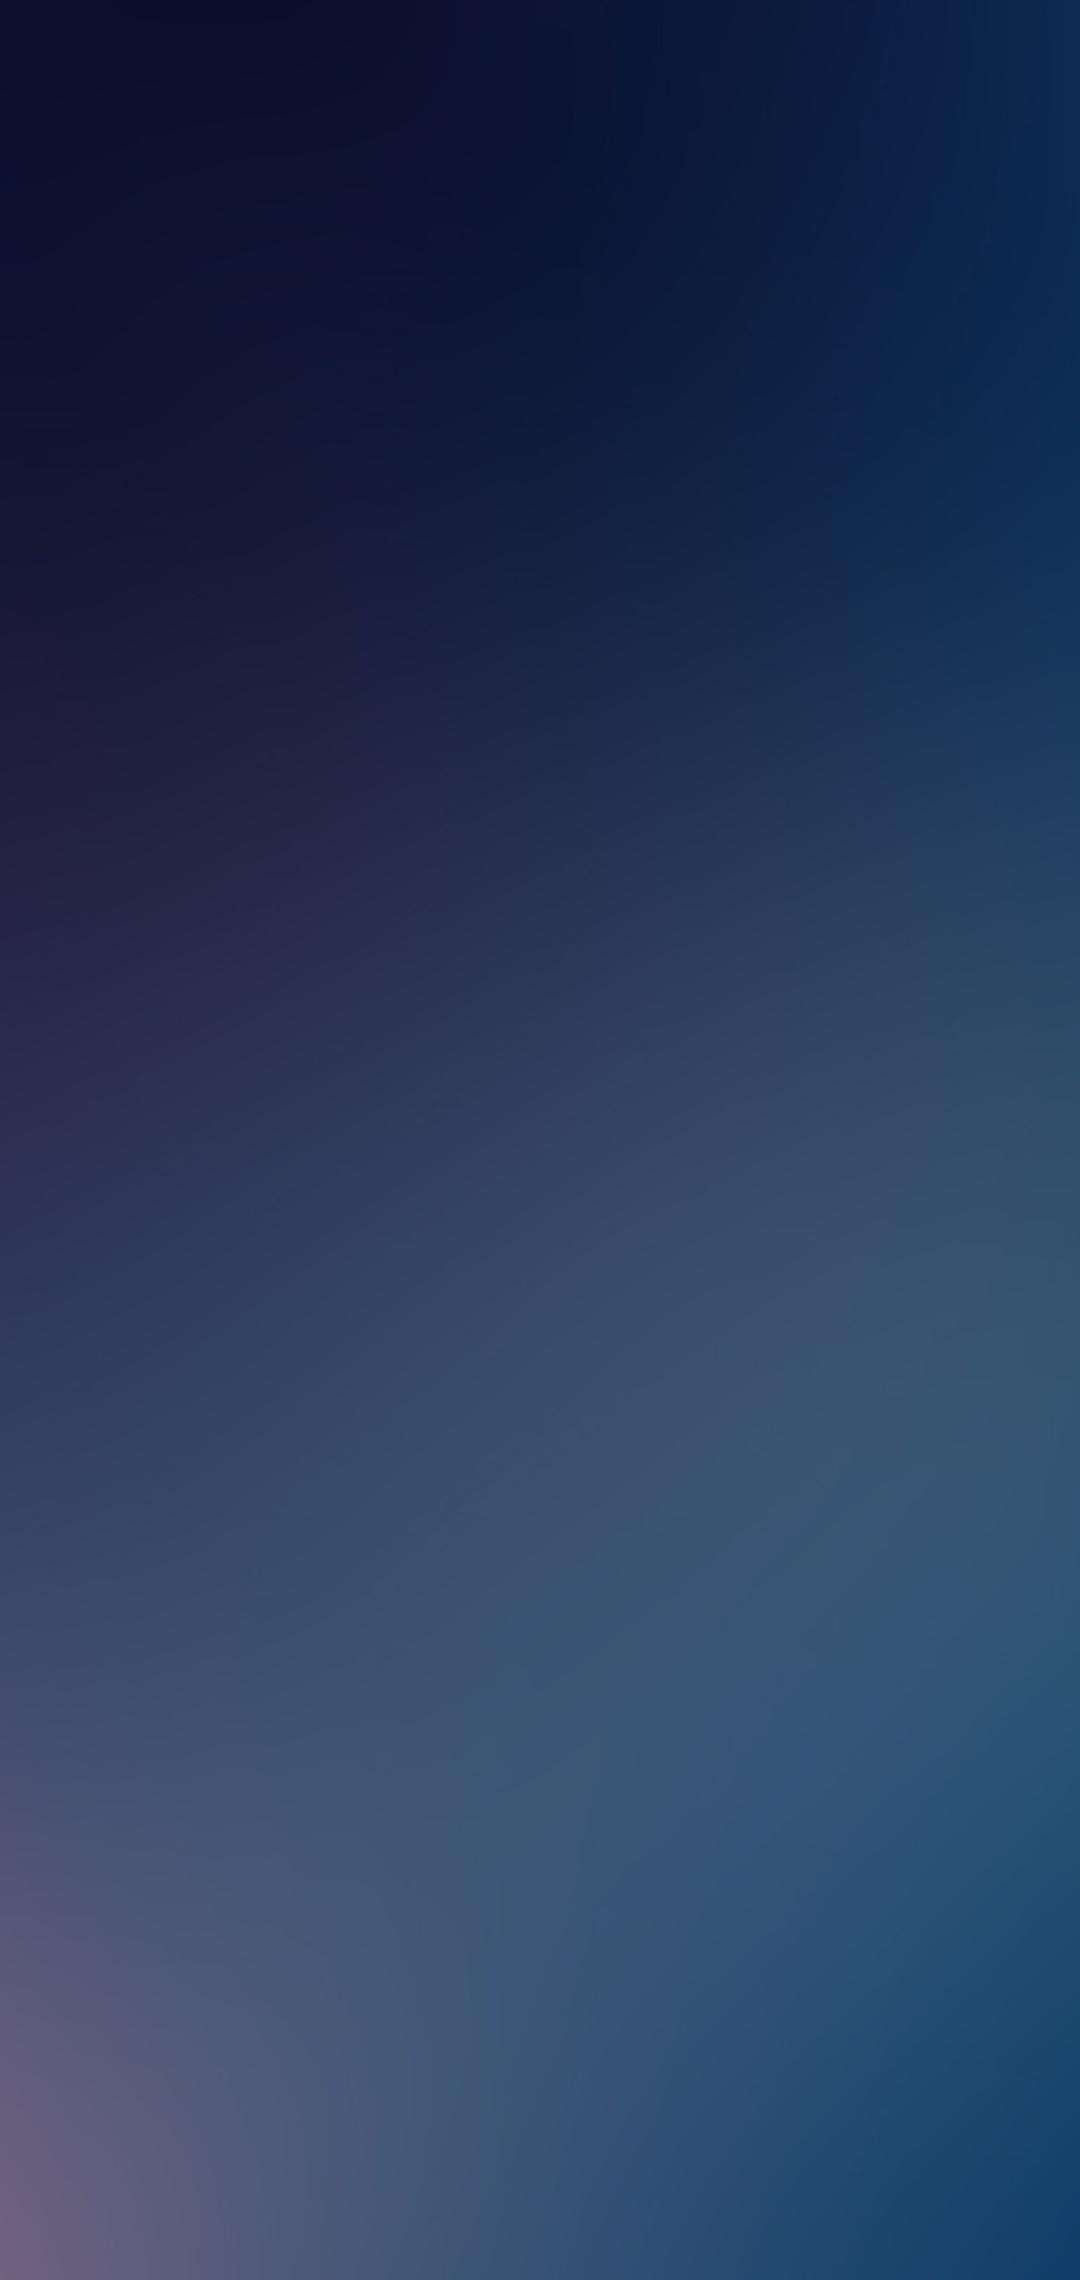 blur-background-6z.jpg